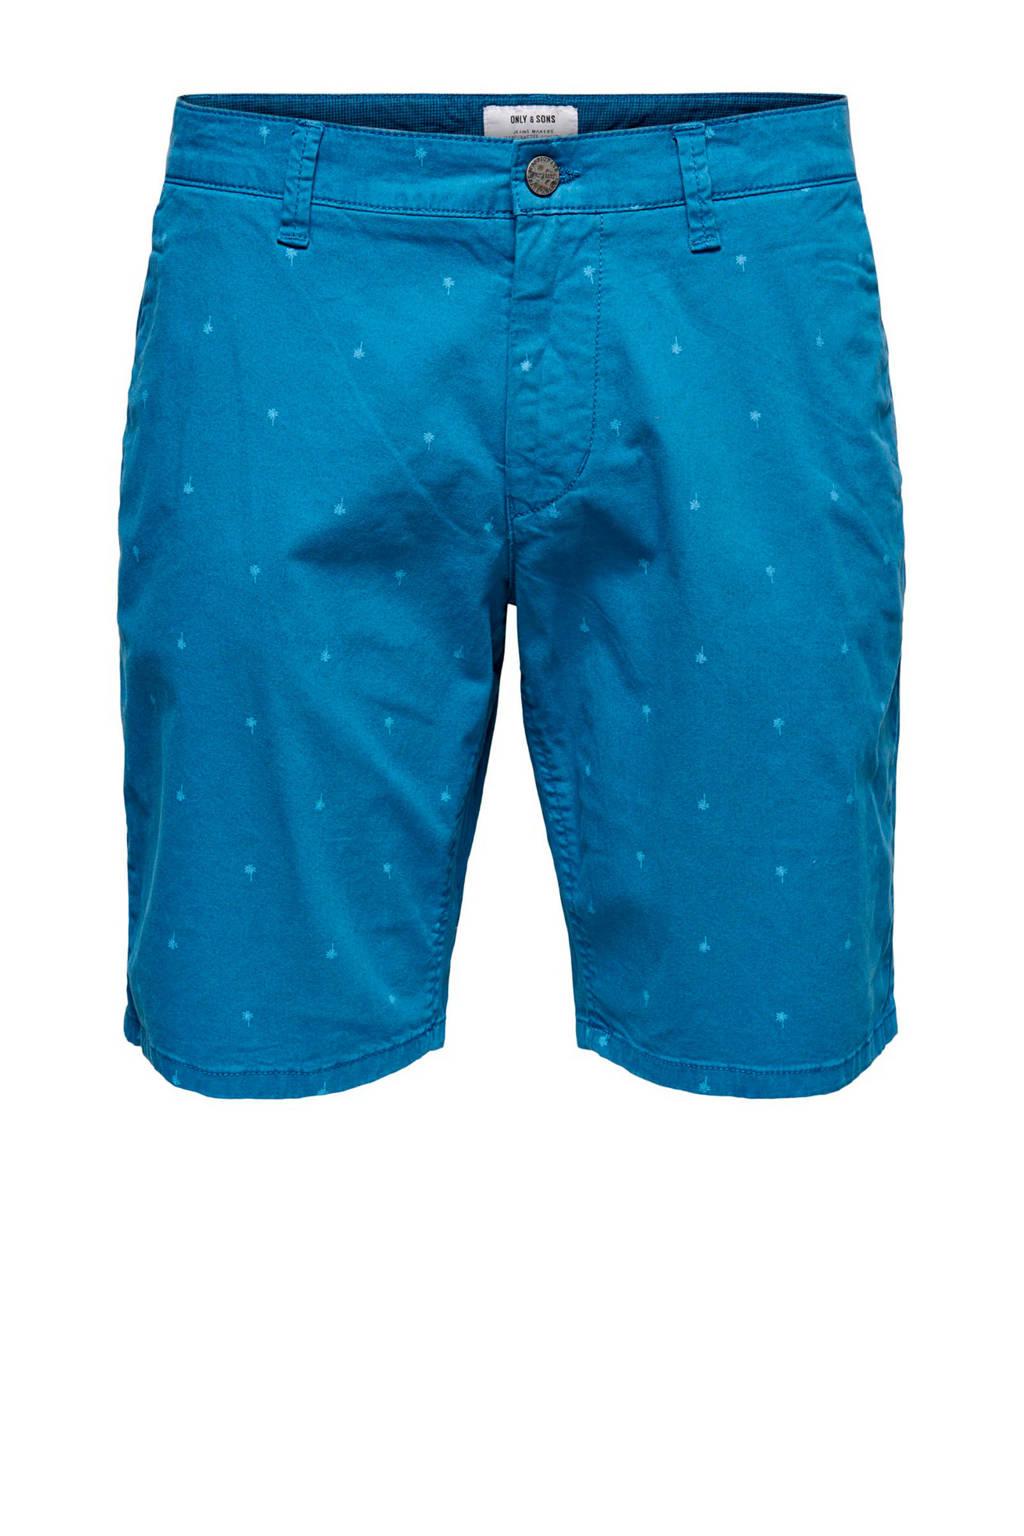 ONLY & SONS slim fit bermuda dark blue, Dark Blue